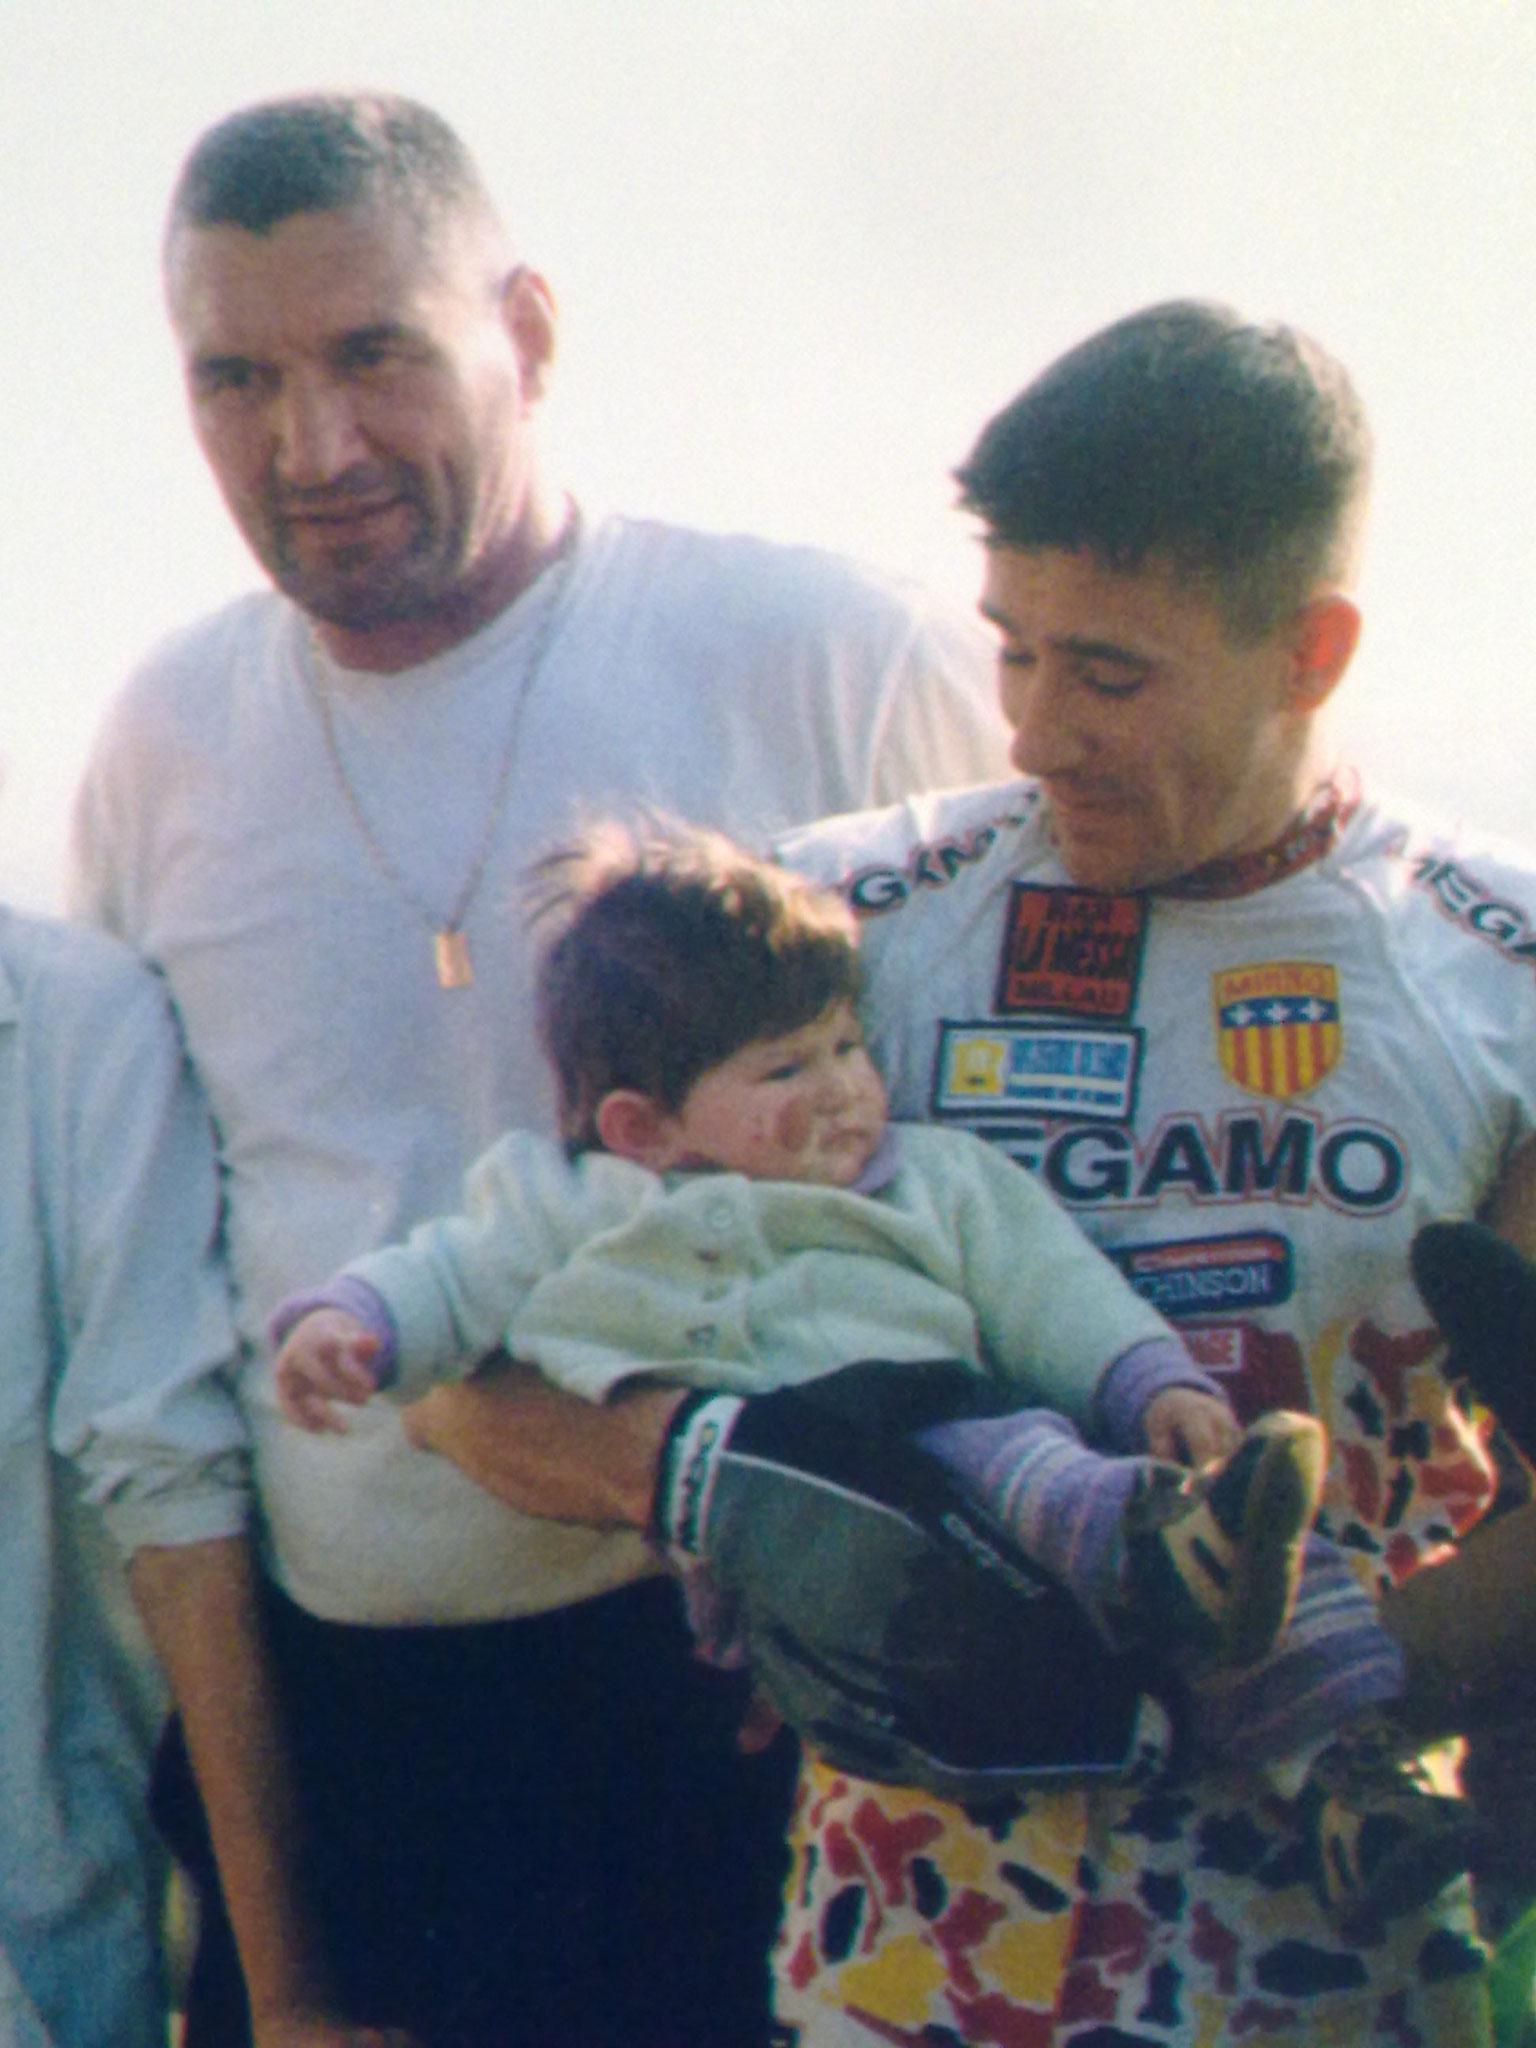 Avec Marco au sommet de la tour Part-Dieux à Lyon après mon ascension pour soutenir des enfants malades